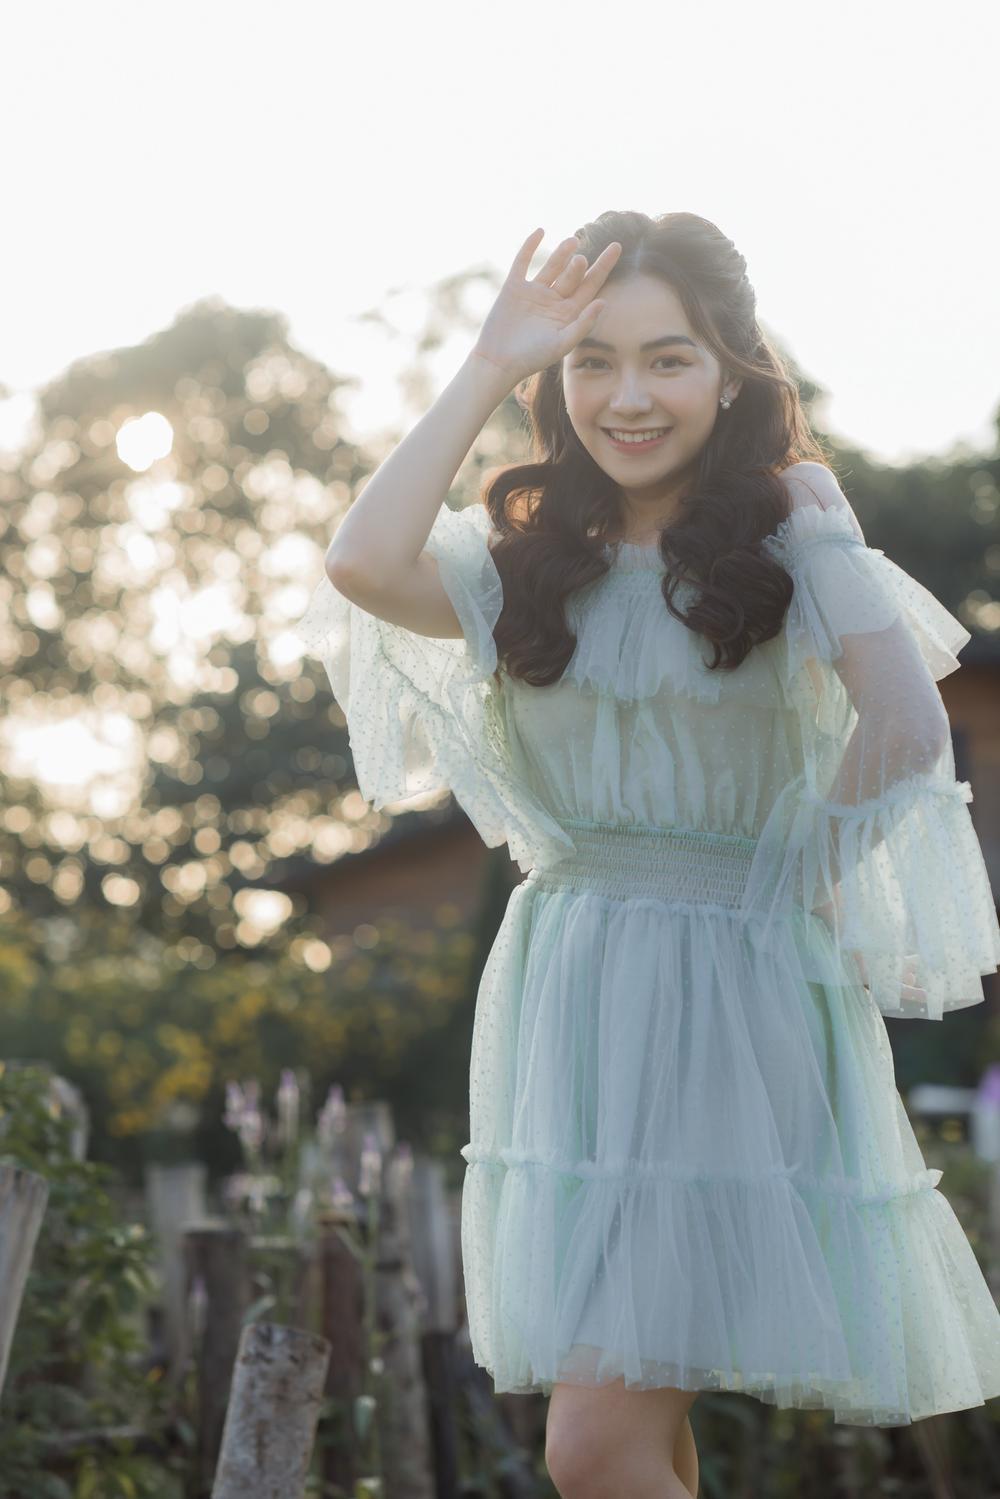 Nữ sinh ĐH Văn hóa nghệ thuật Quân đội với ngoại hình xinh đẹp, chia sẻ niềm đam mê đặc biệt với âm nhạc Ảnh 6